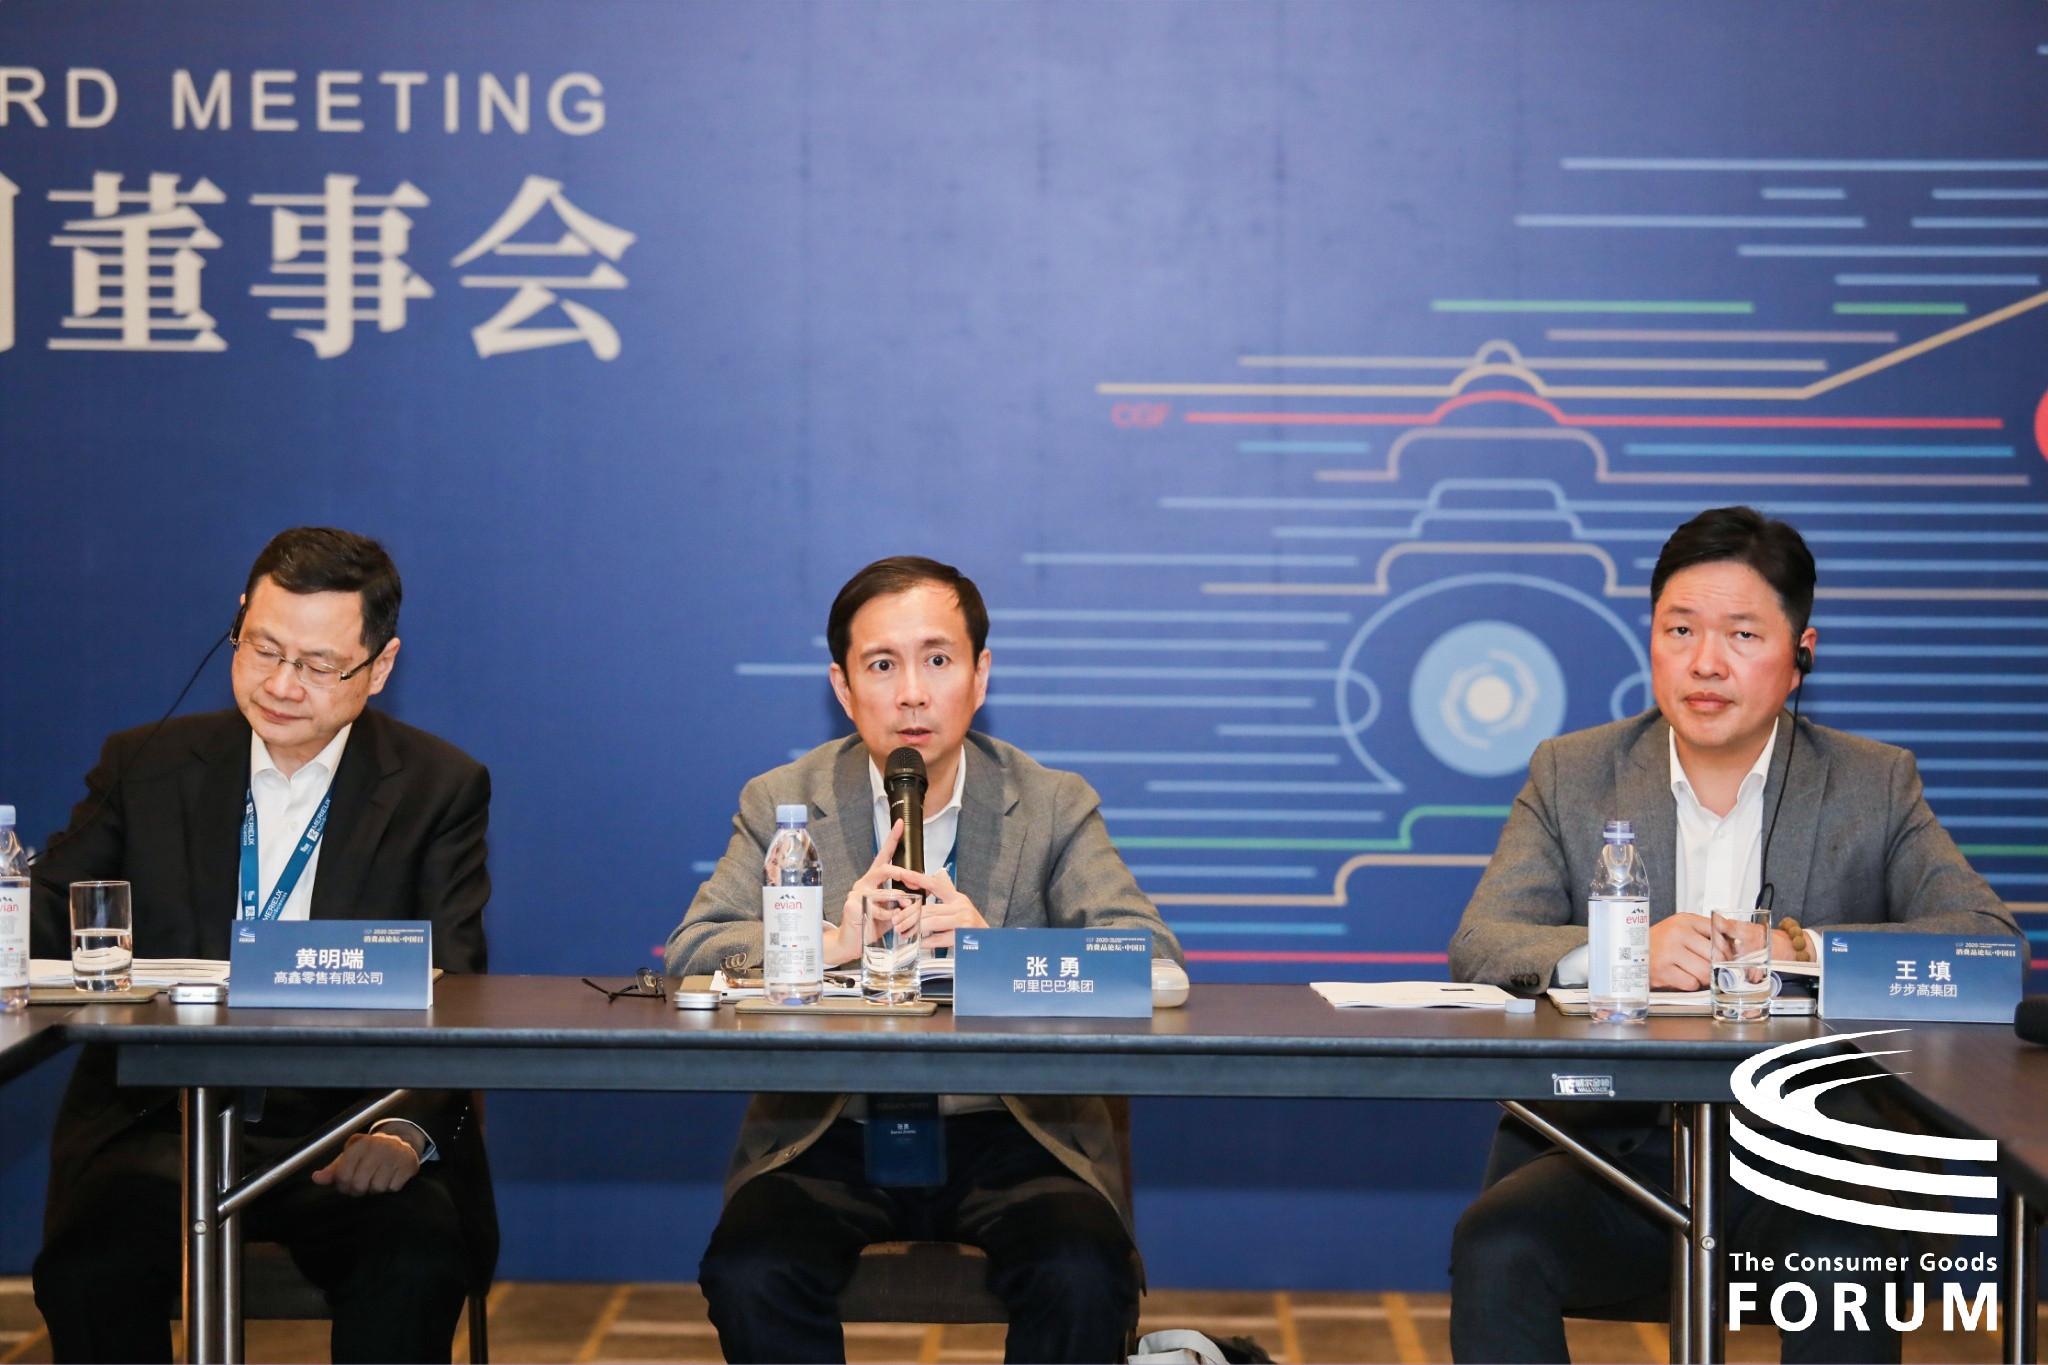 2020第三届消费品论坛(CGF)中国日-17